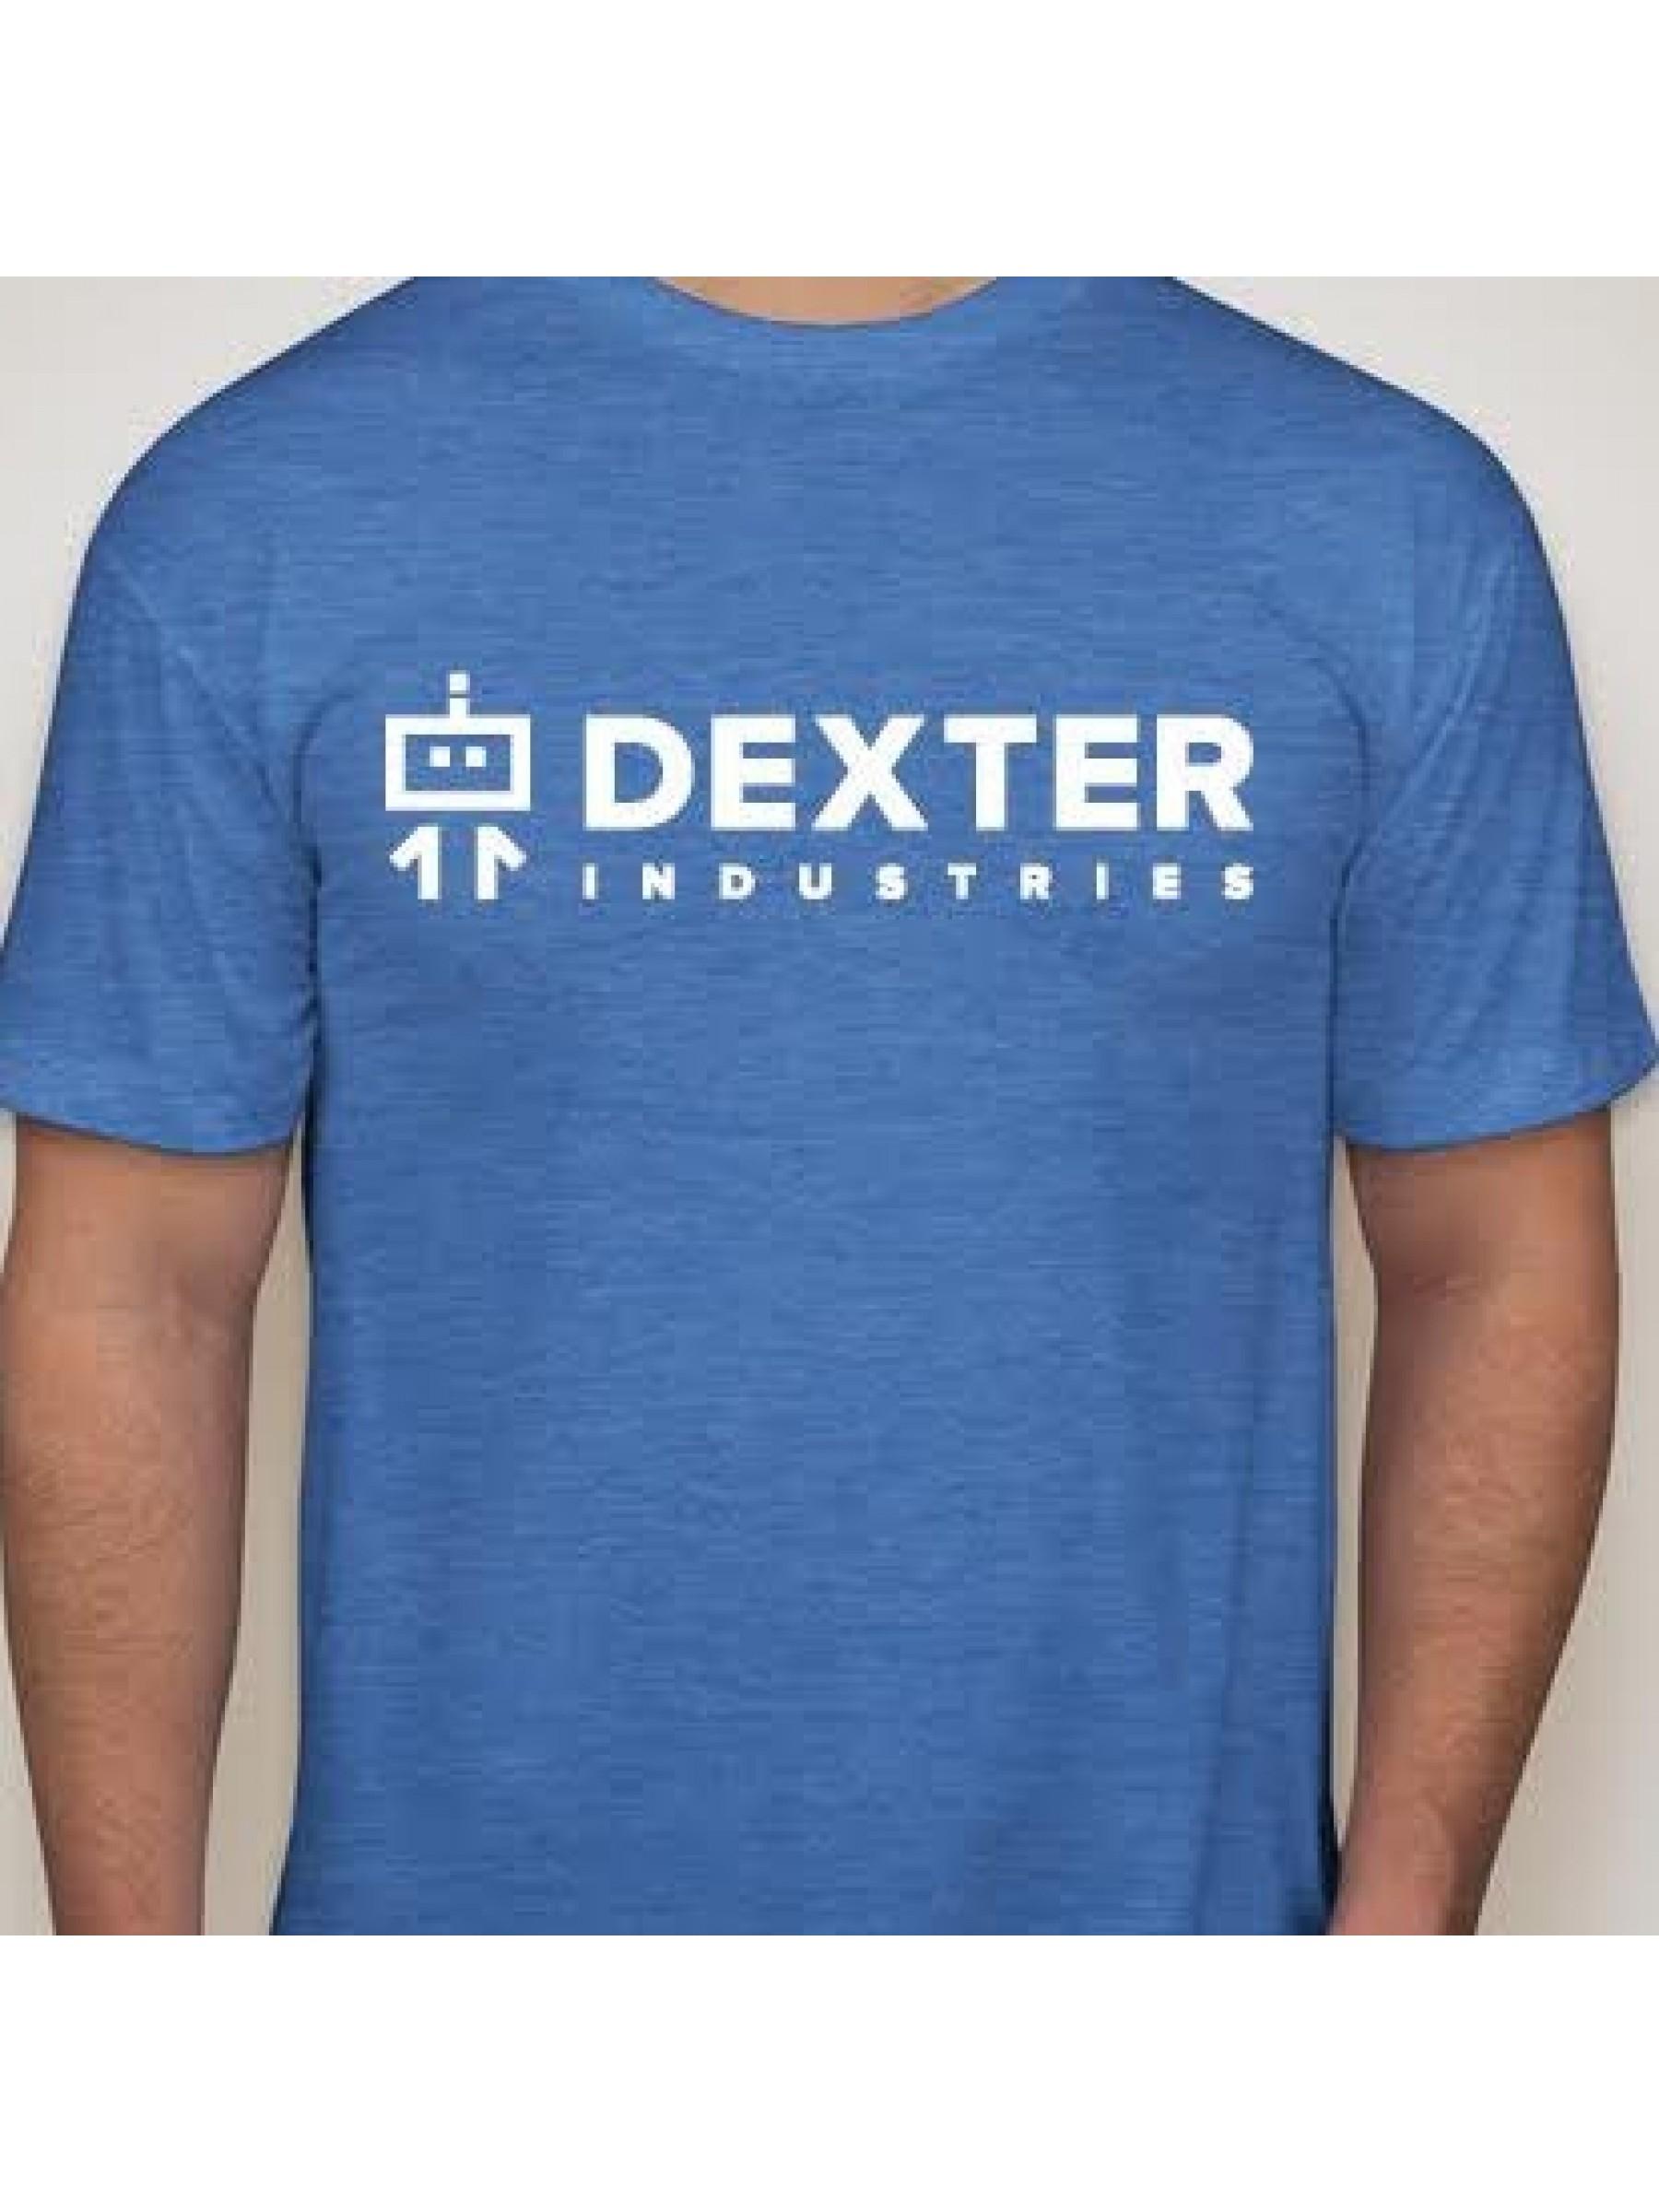 Dexter T-shirt – Blue